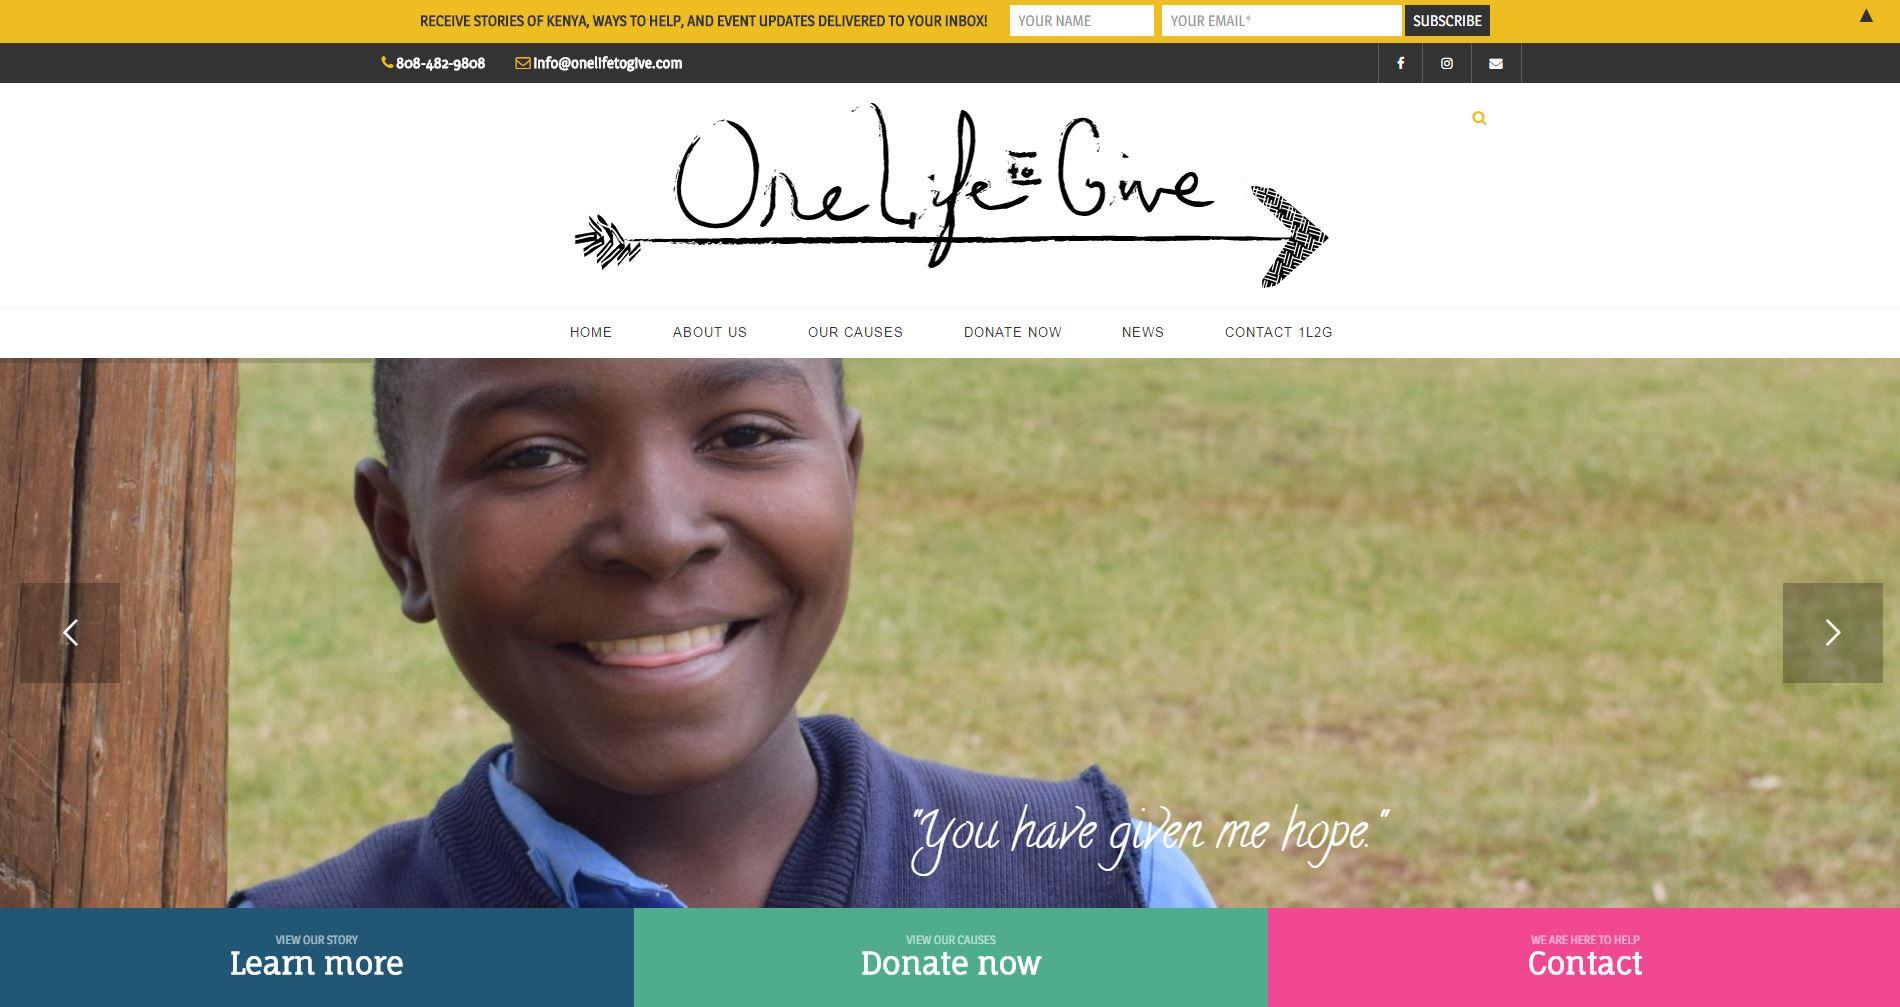 Non-profit Website Design 1